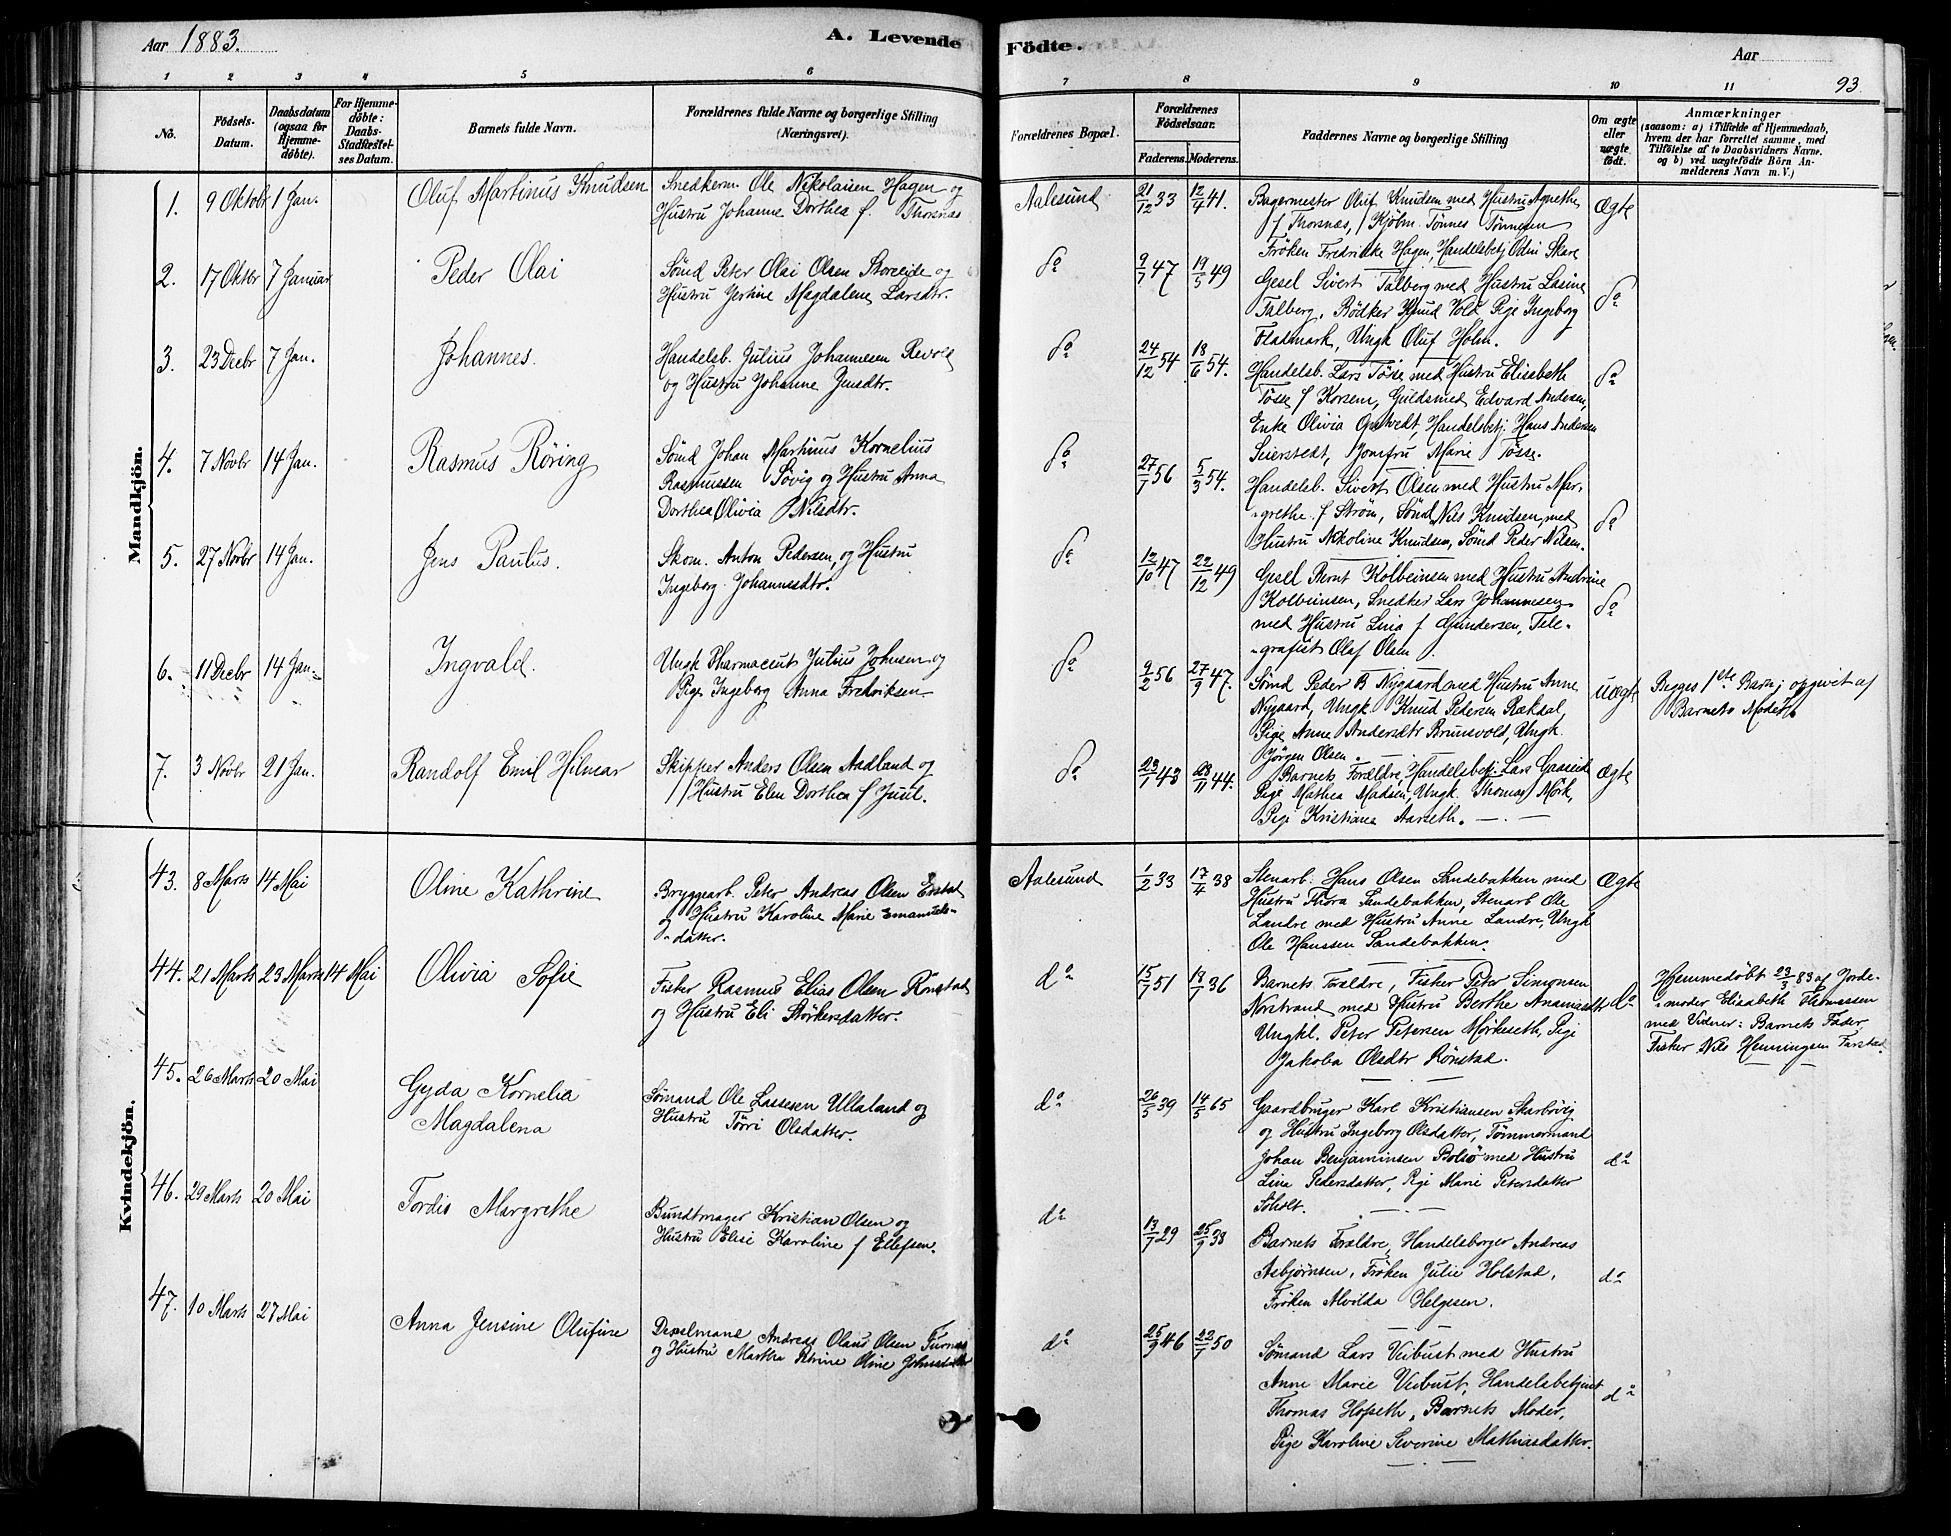 SAT, Ministerialprotokoller, klokkerbøker og fødselsregistre - Møre og Romsdal, 529/L0454: Ministerialbok nr. 529A04, 1878-1885, s. 93